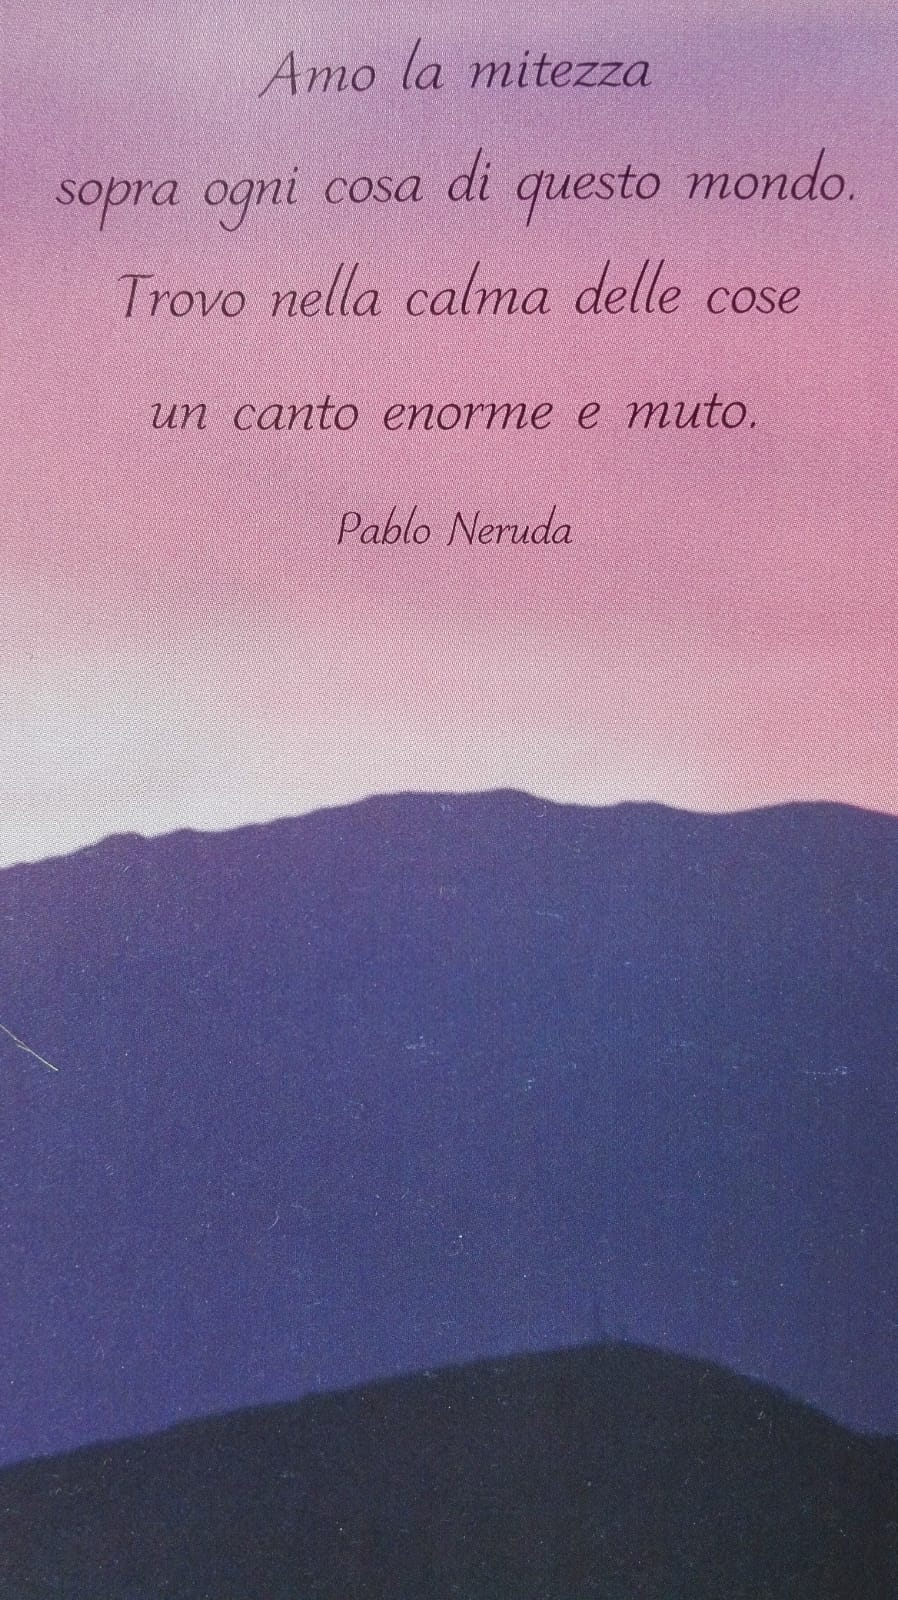 Pablo Neruda. Amo la mitezza sopra ogni cosa di questo mondo. Trovo nella calma delle cose un canto enorme e muto.